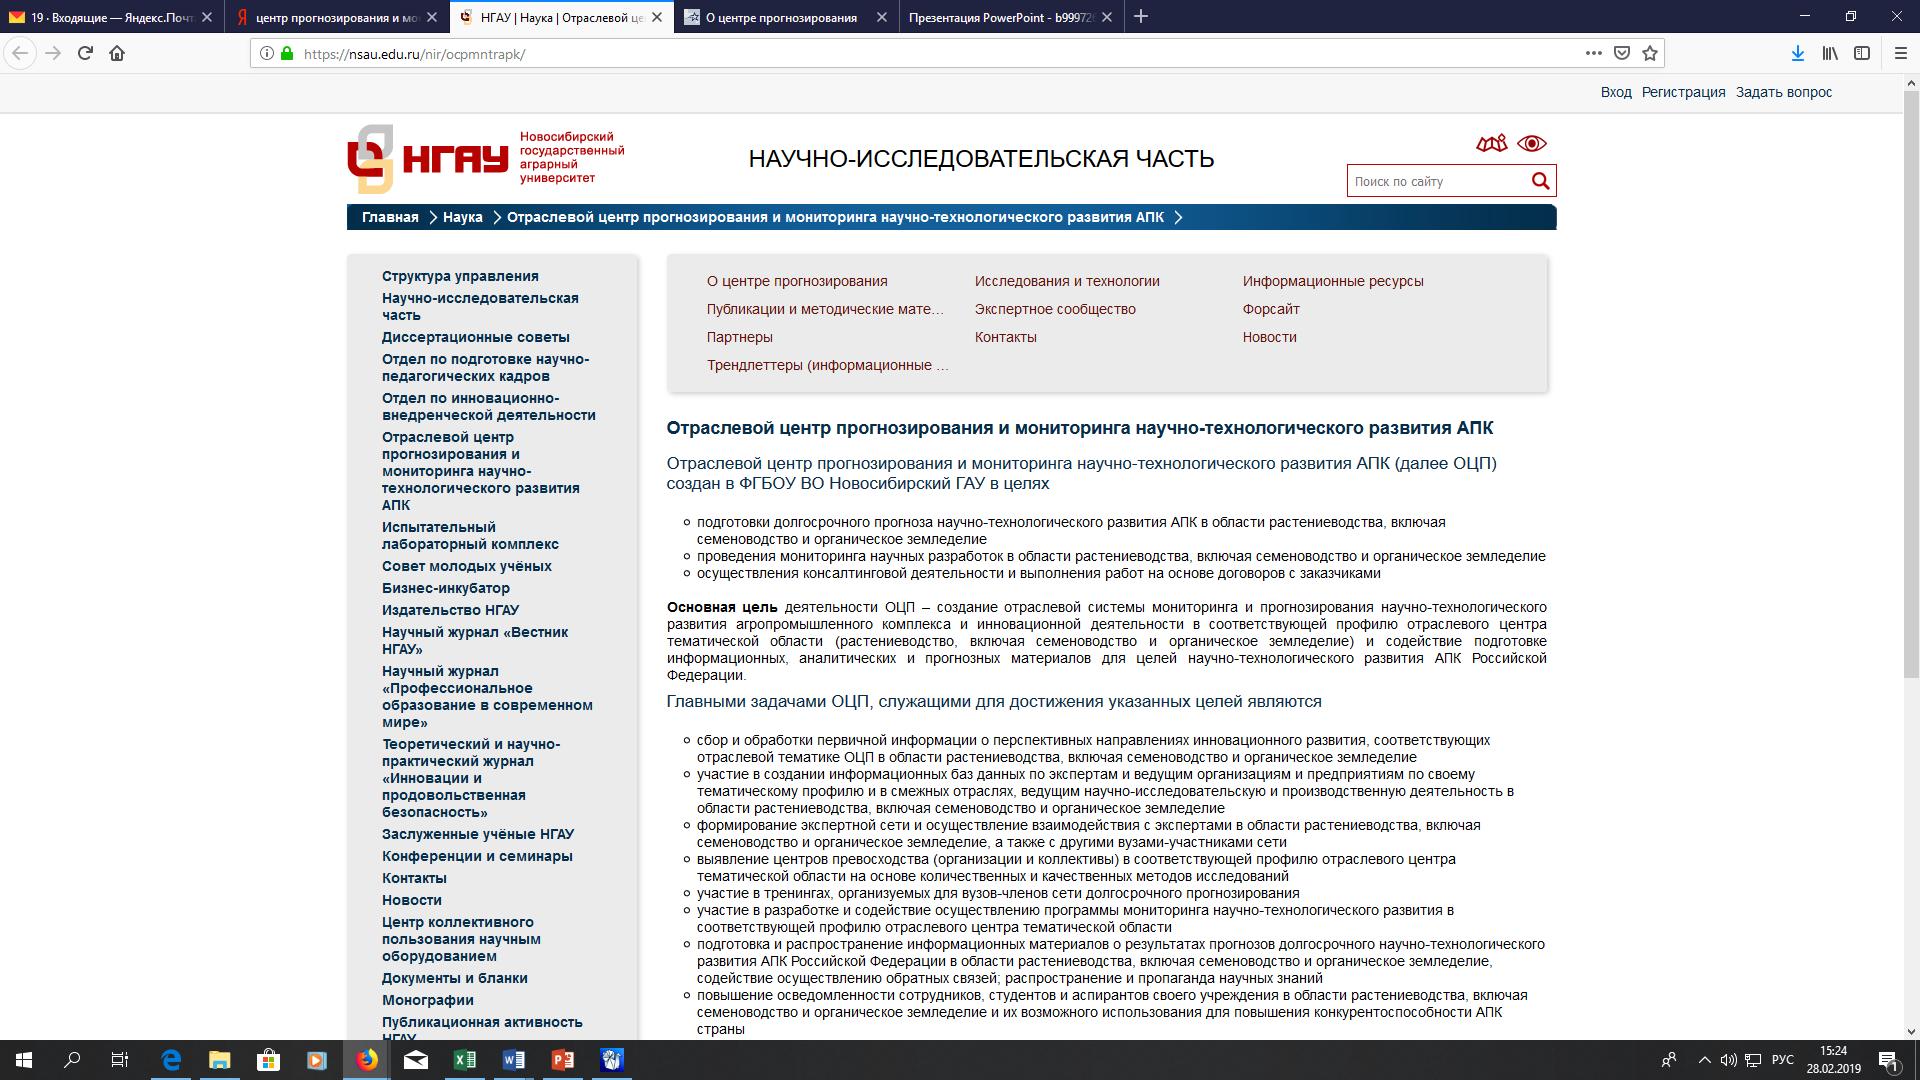 word image 1363 Анализ научно-исследовательских работ, выполняемых высшими учебными заведениями, находящимися в ведении Минсельхоза России, за счет средств федерального бюджета